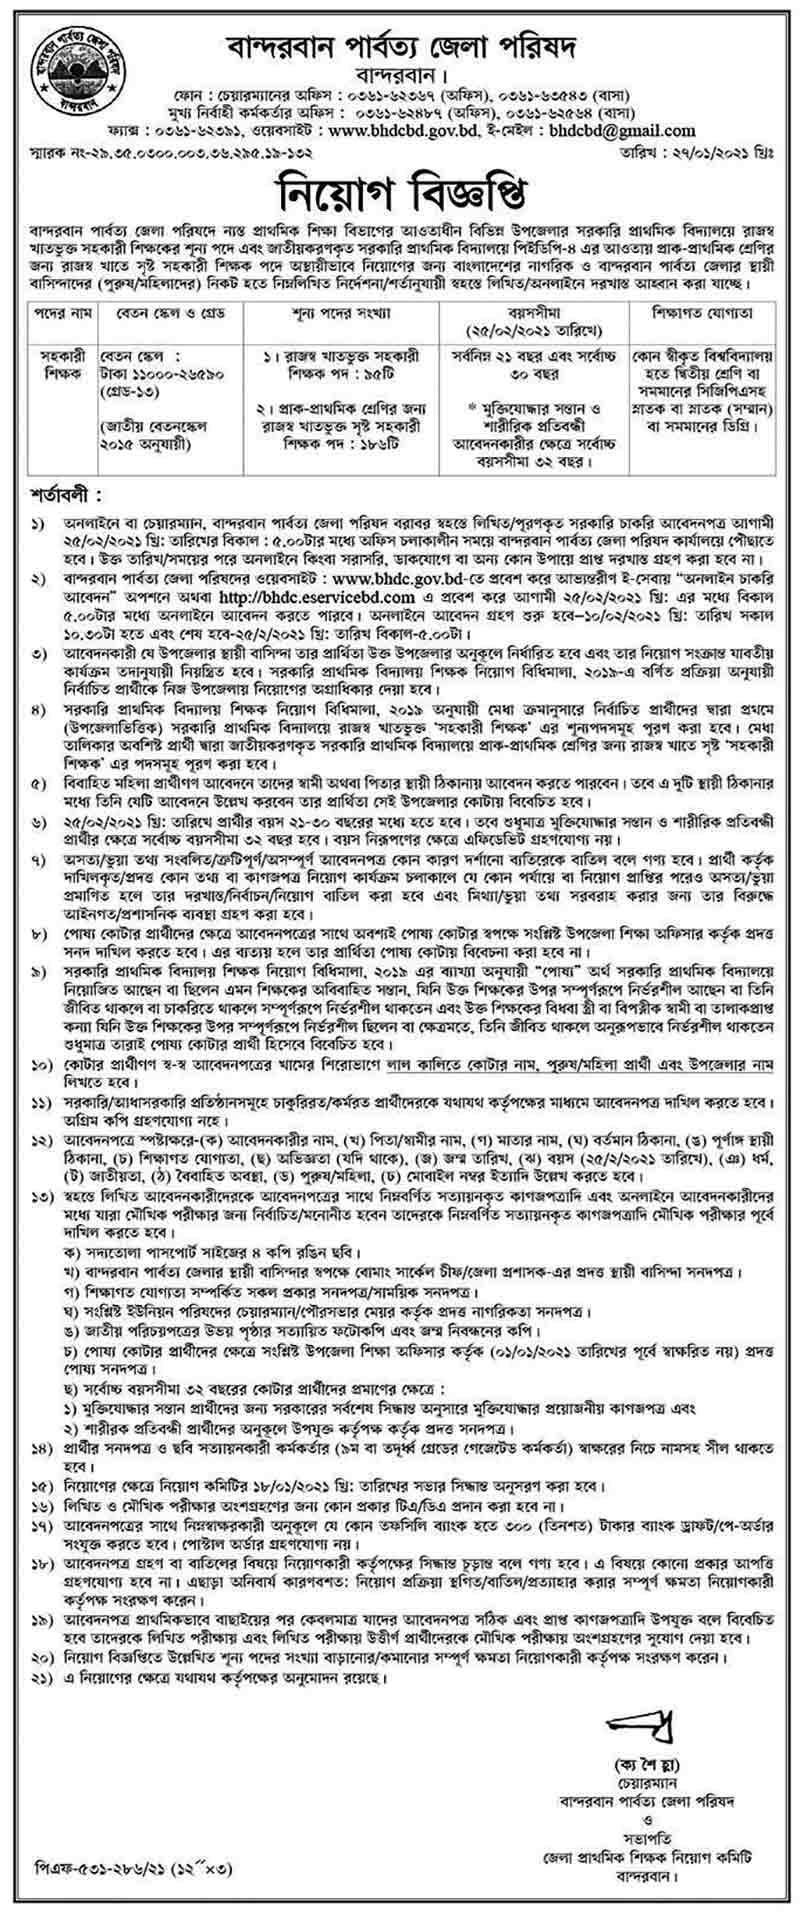 Bandarban Hill District Council Bandarban Job Circular 2021